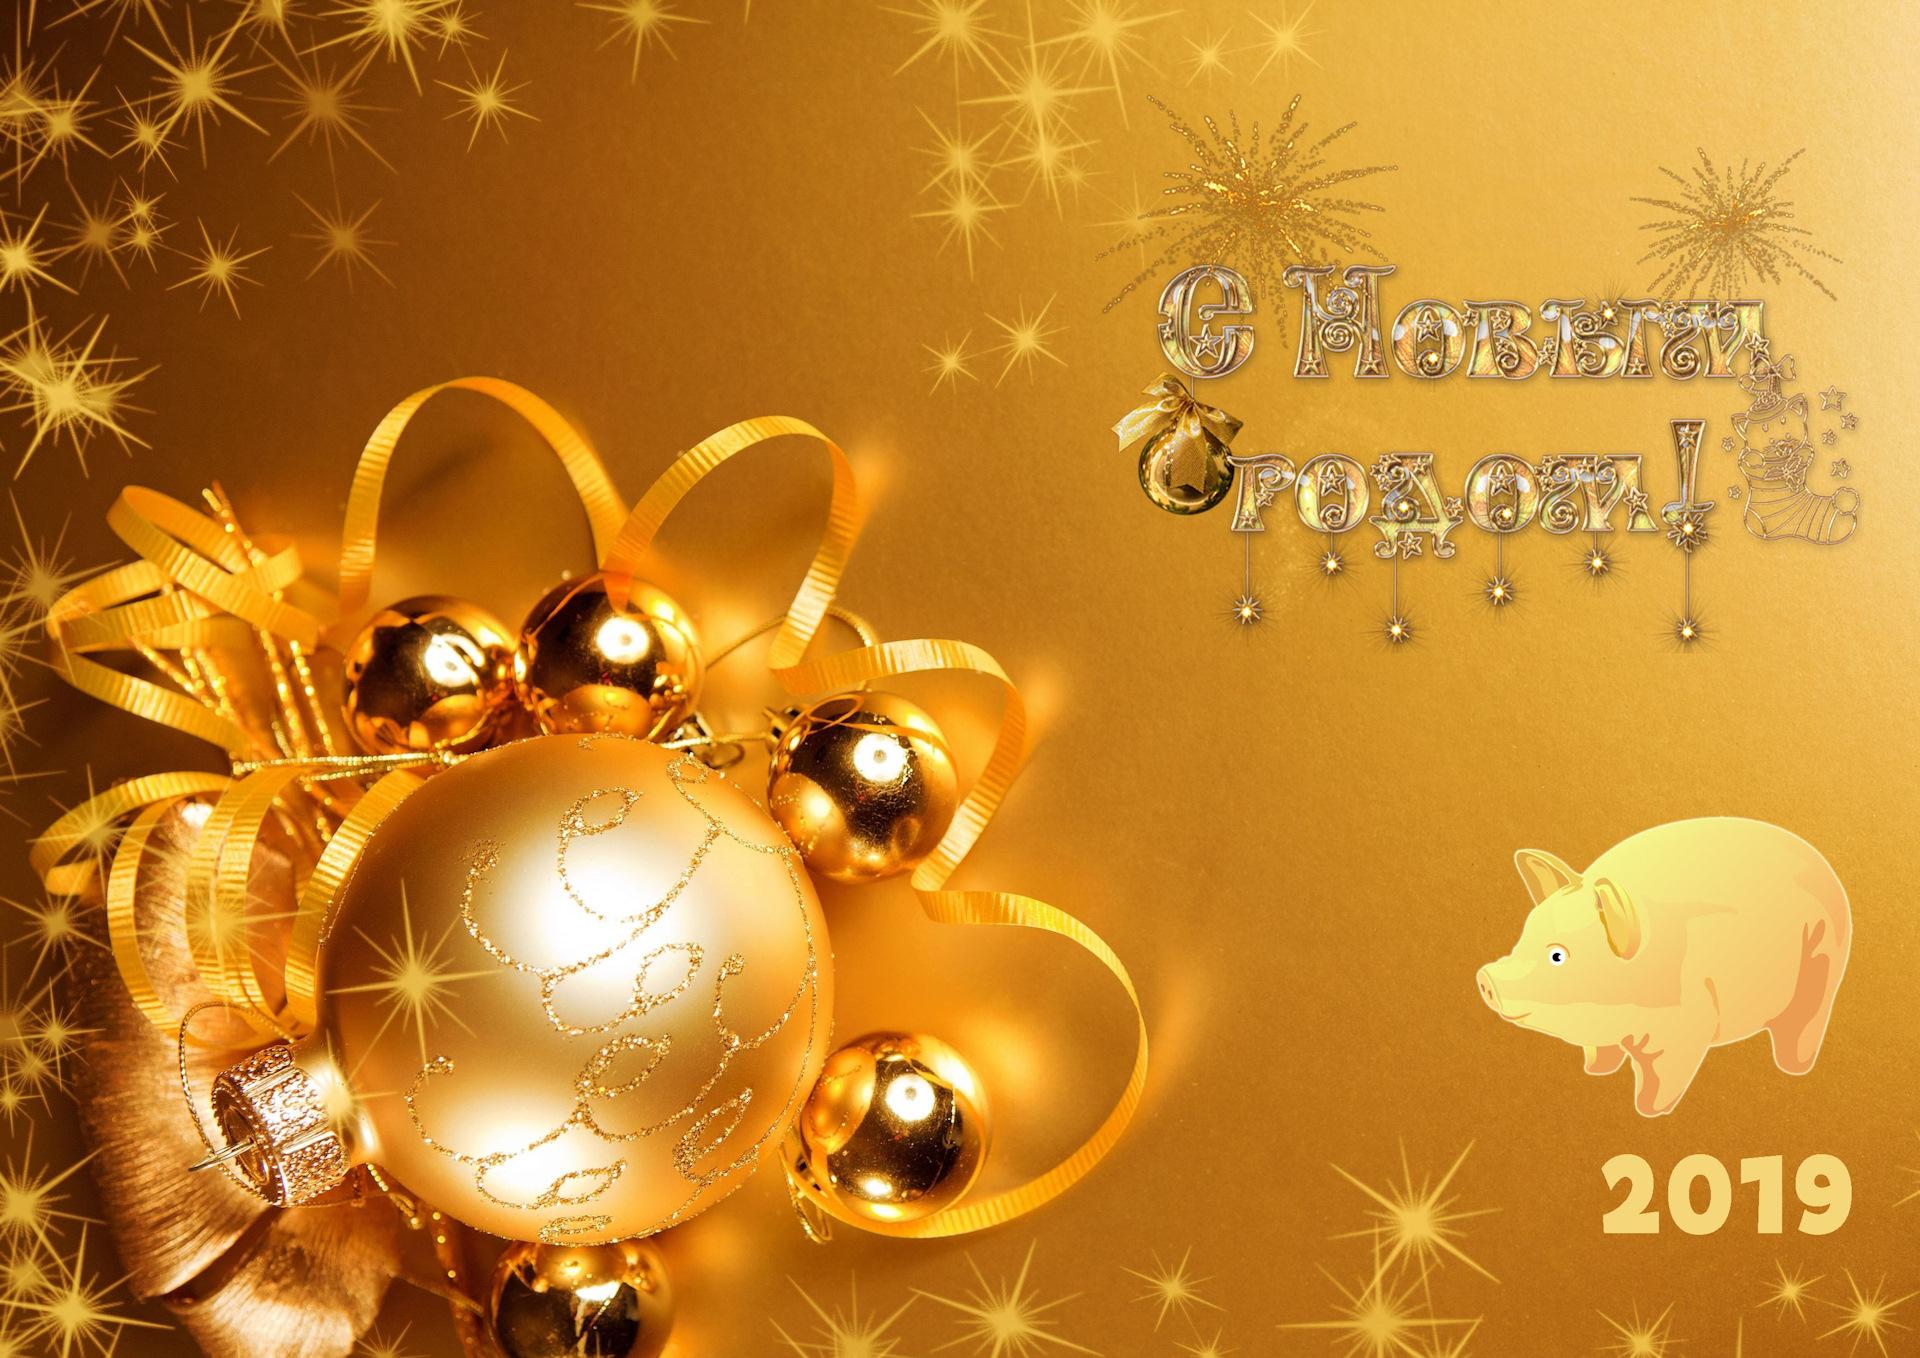 Поздравления с новым годом 2019 родным и близким открытки